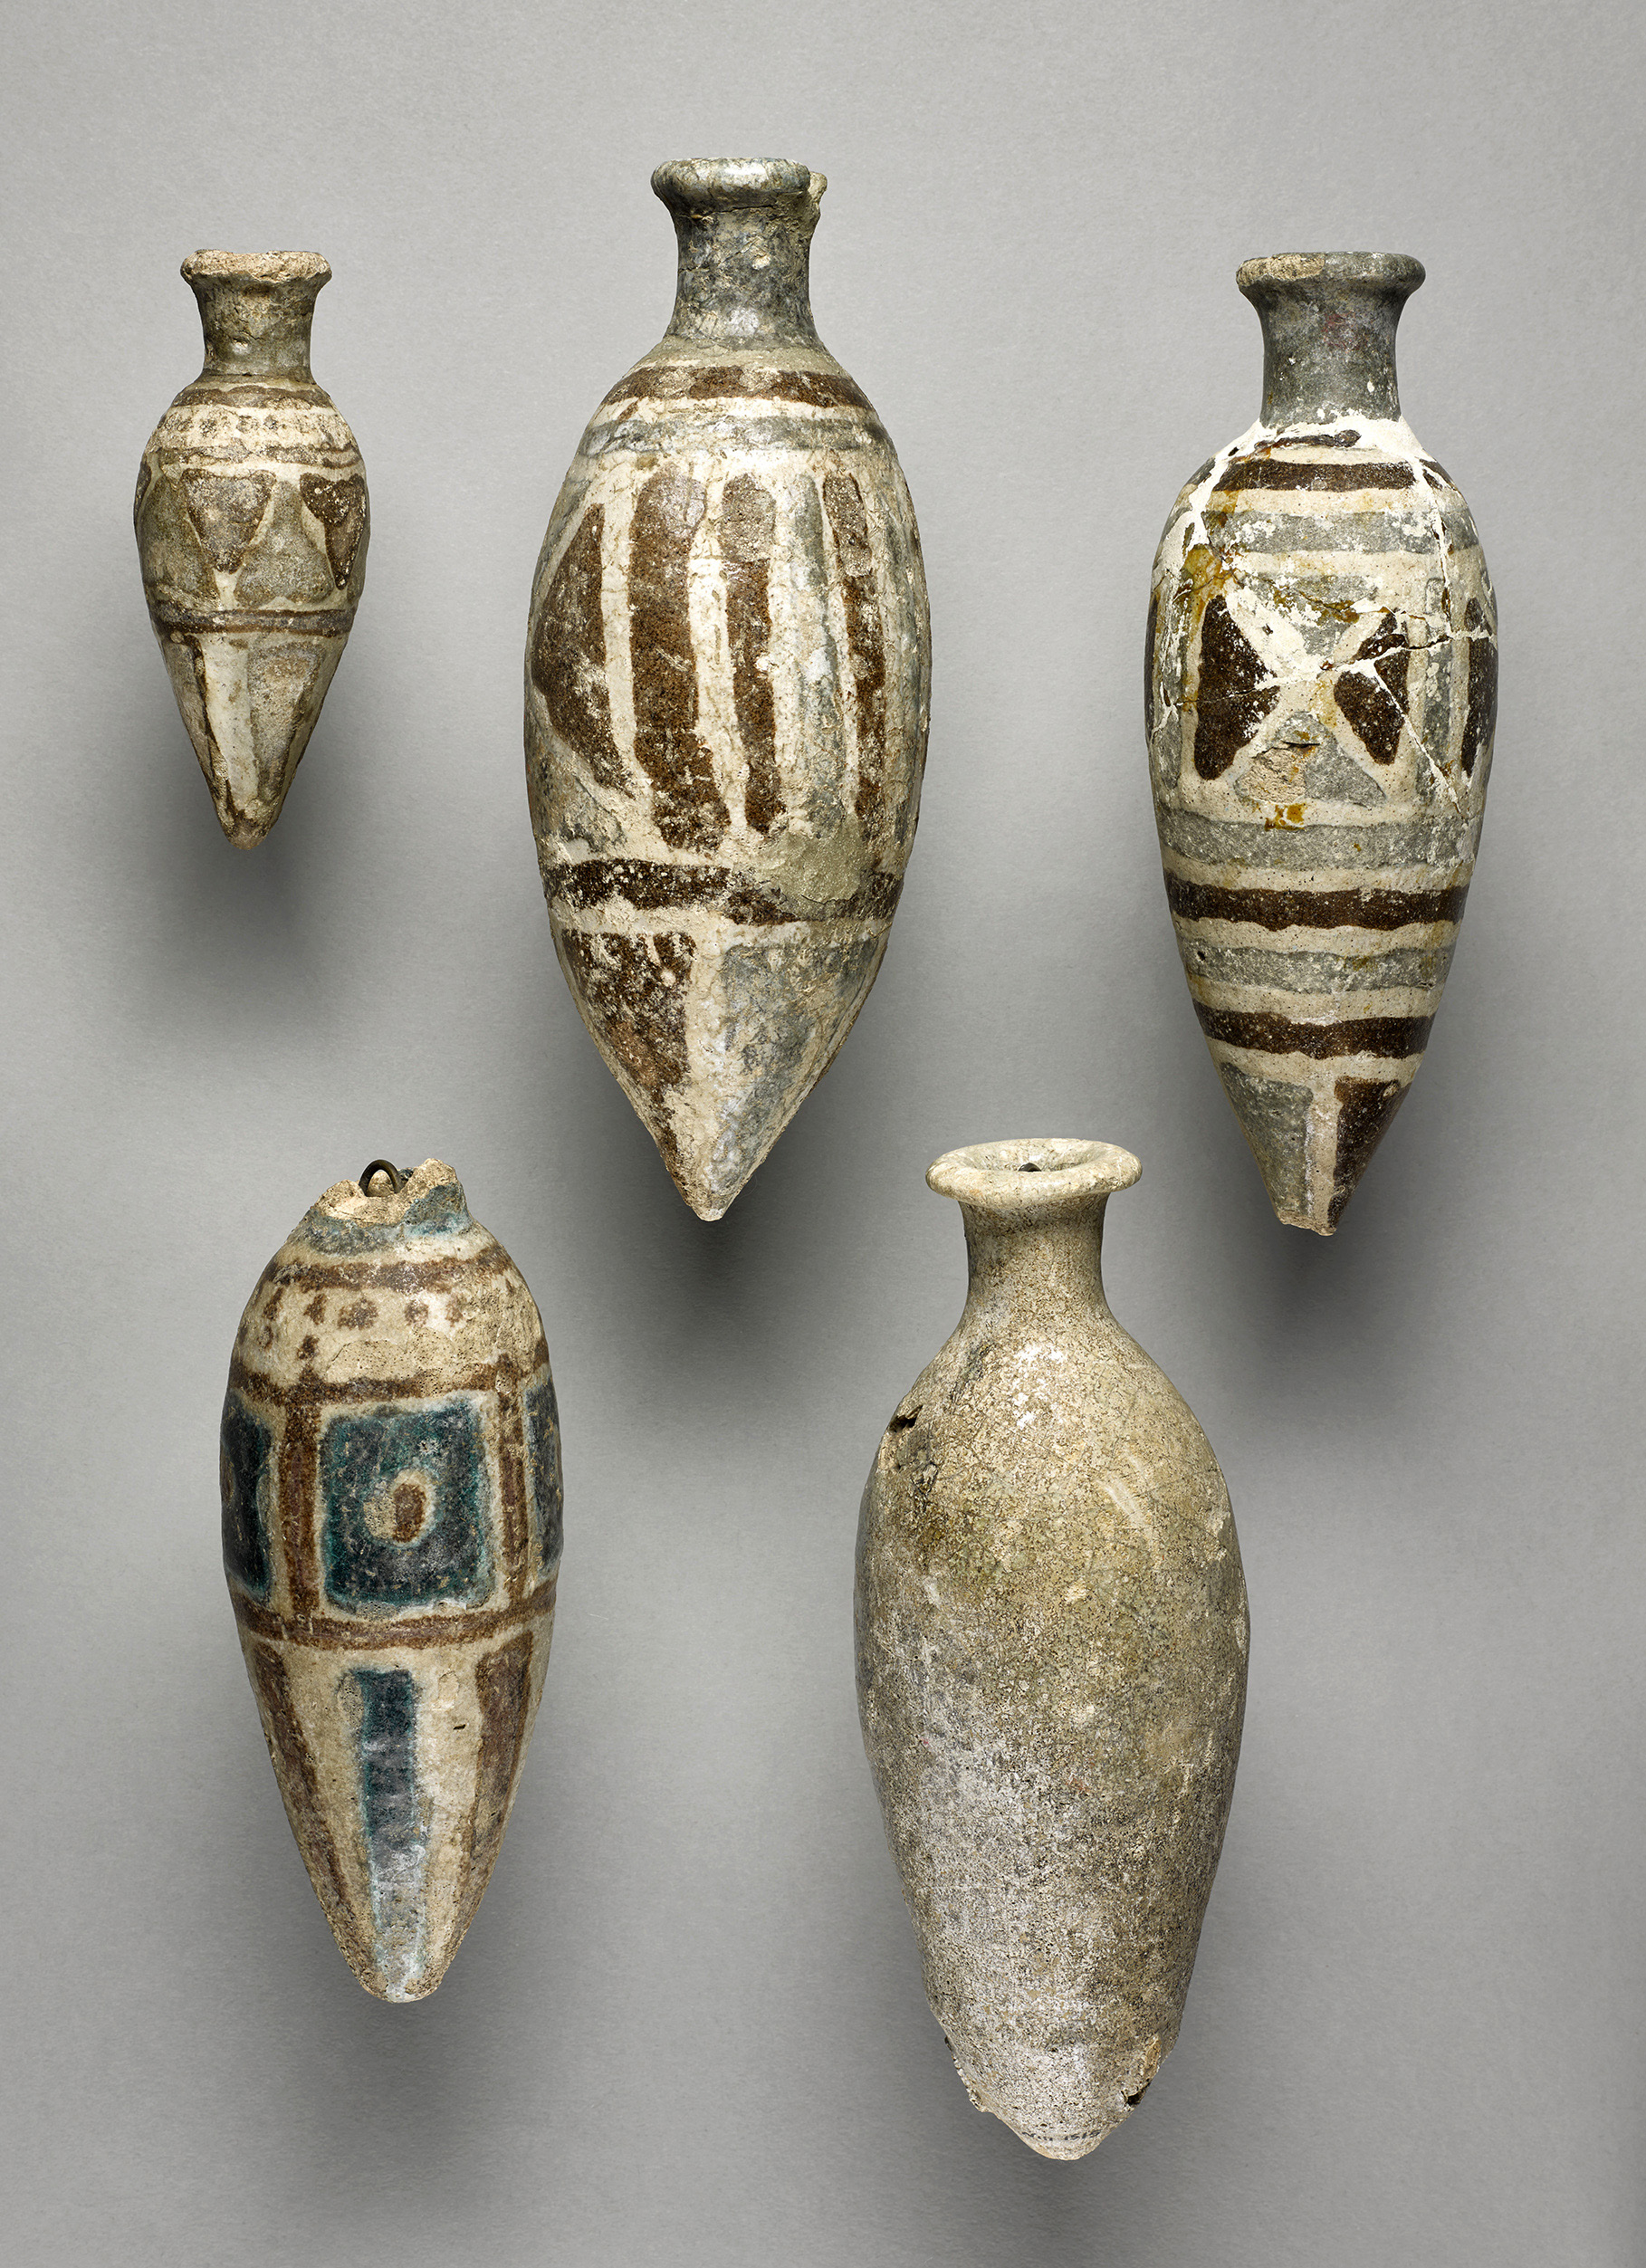 Le Tombeau A De Camiros Les Vases Archaques Et Leurs Contenus throughout dimensions 1818 X 2505